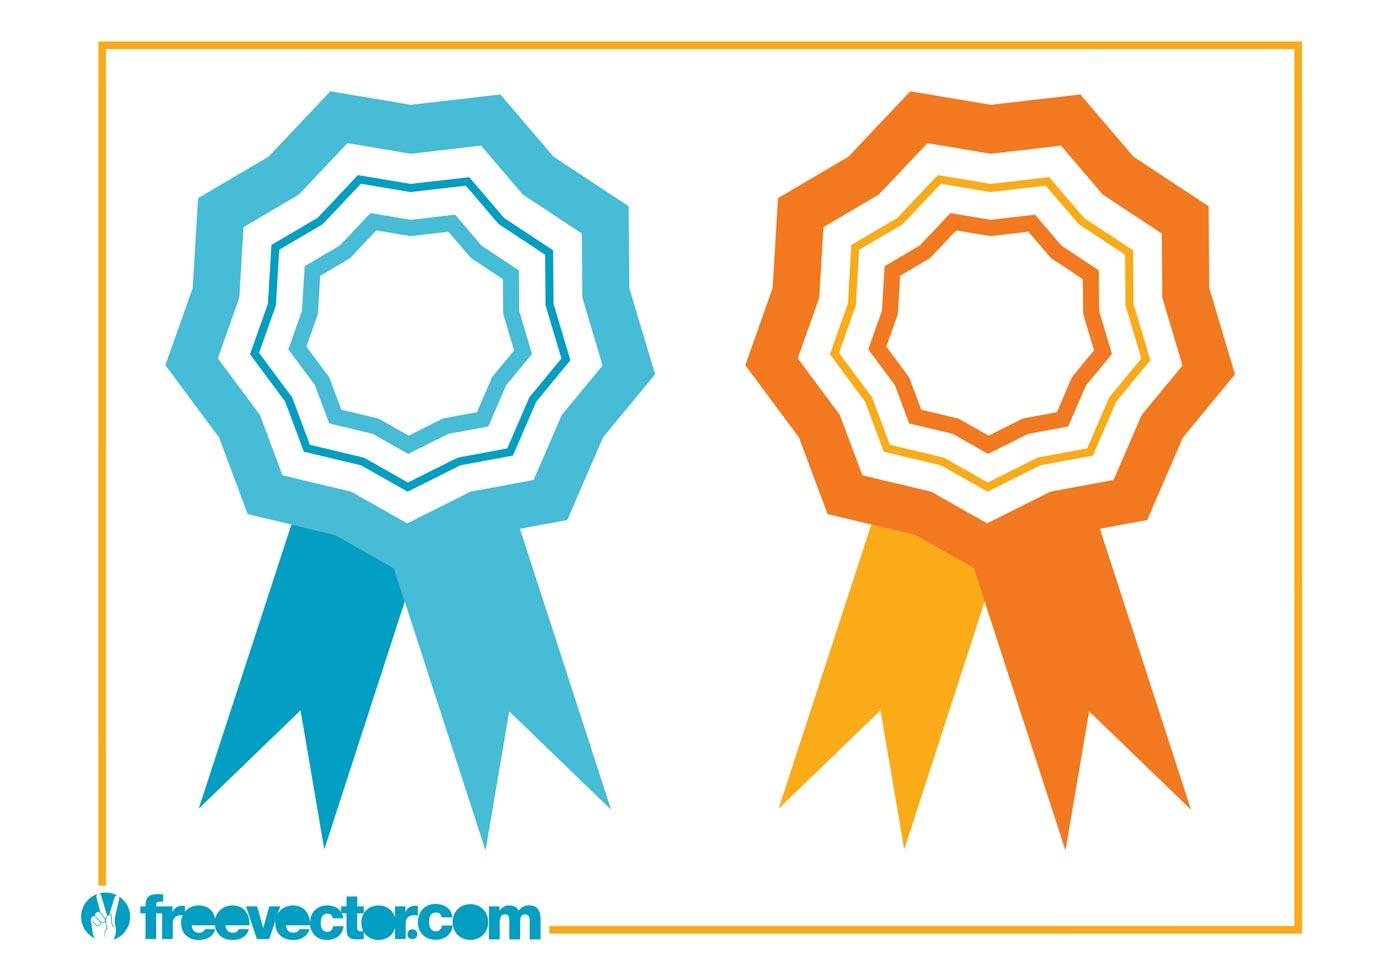 ribbons award icons download free vector art stock